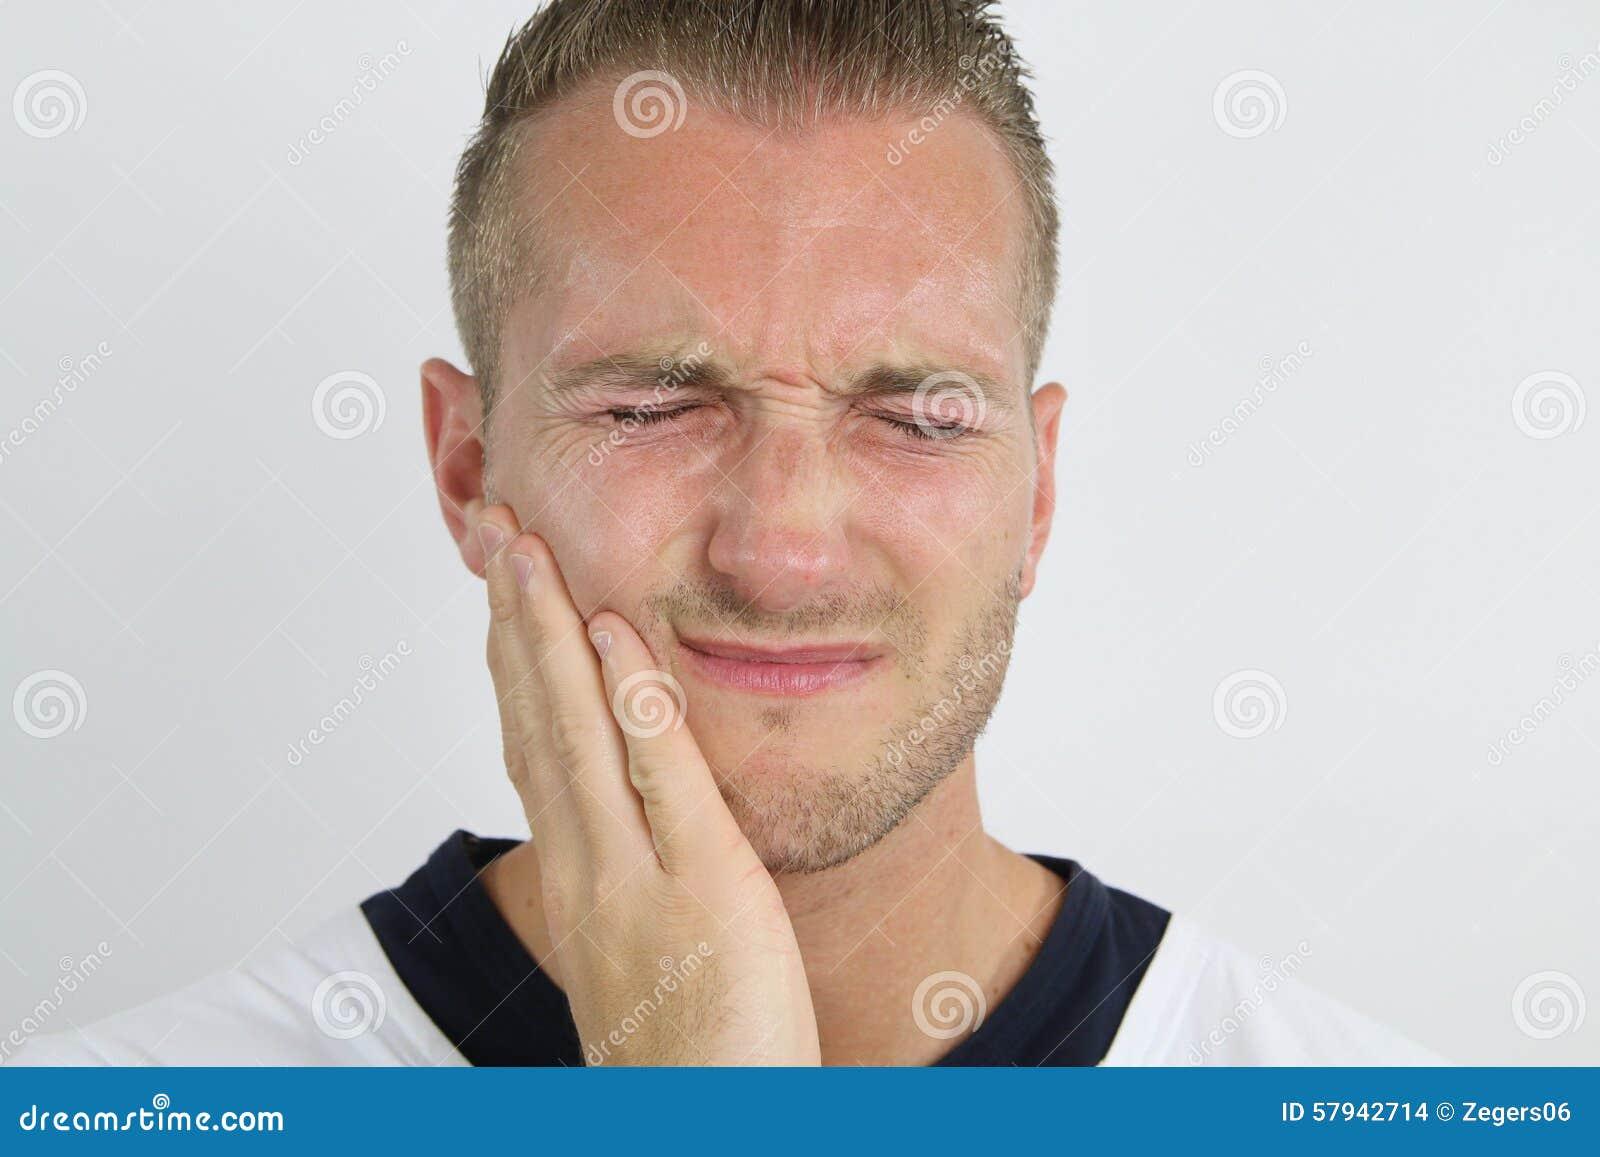 Stomatologiczny ból